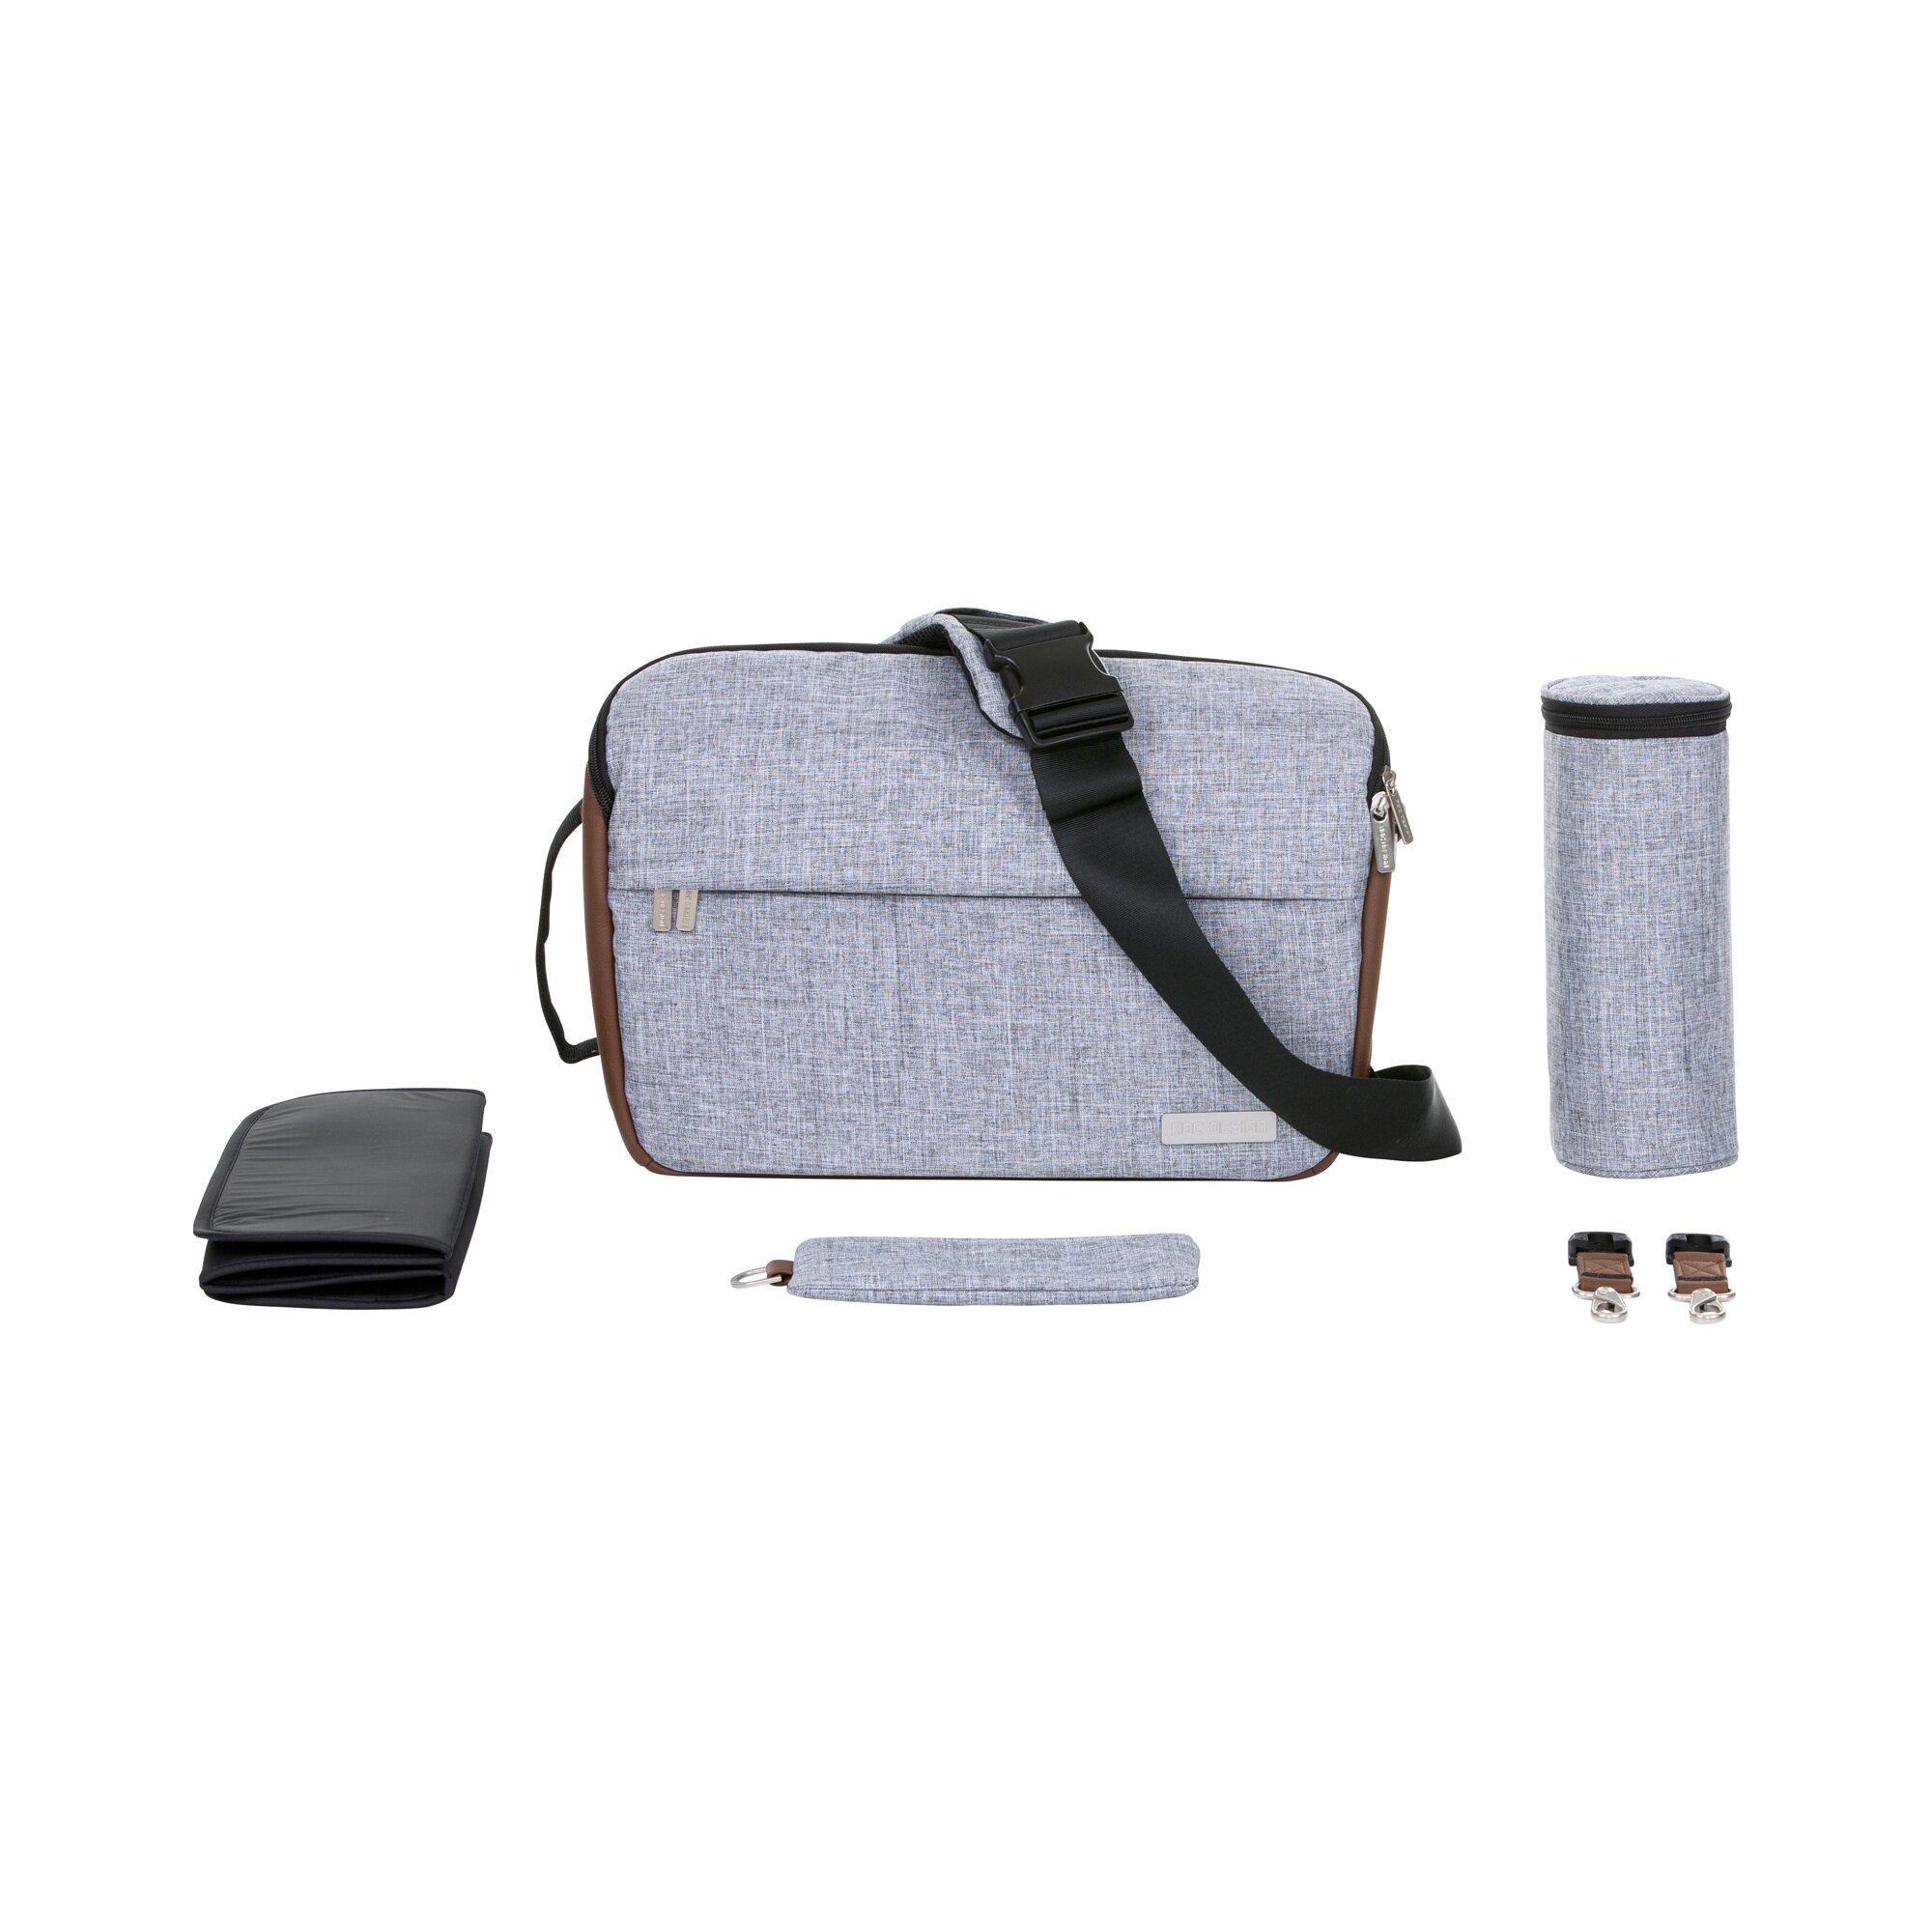 abc-design-wickeltasche-slide-zum-umhangen-grau